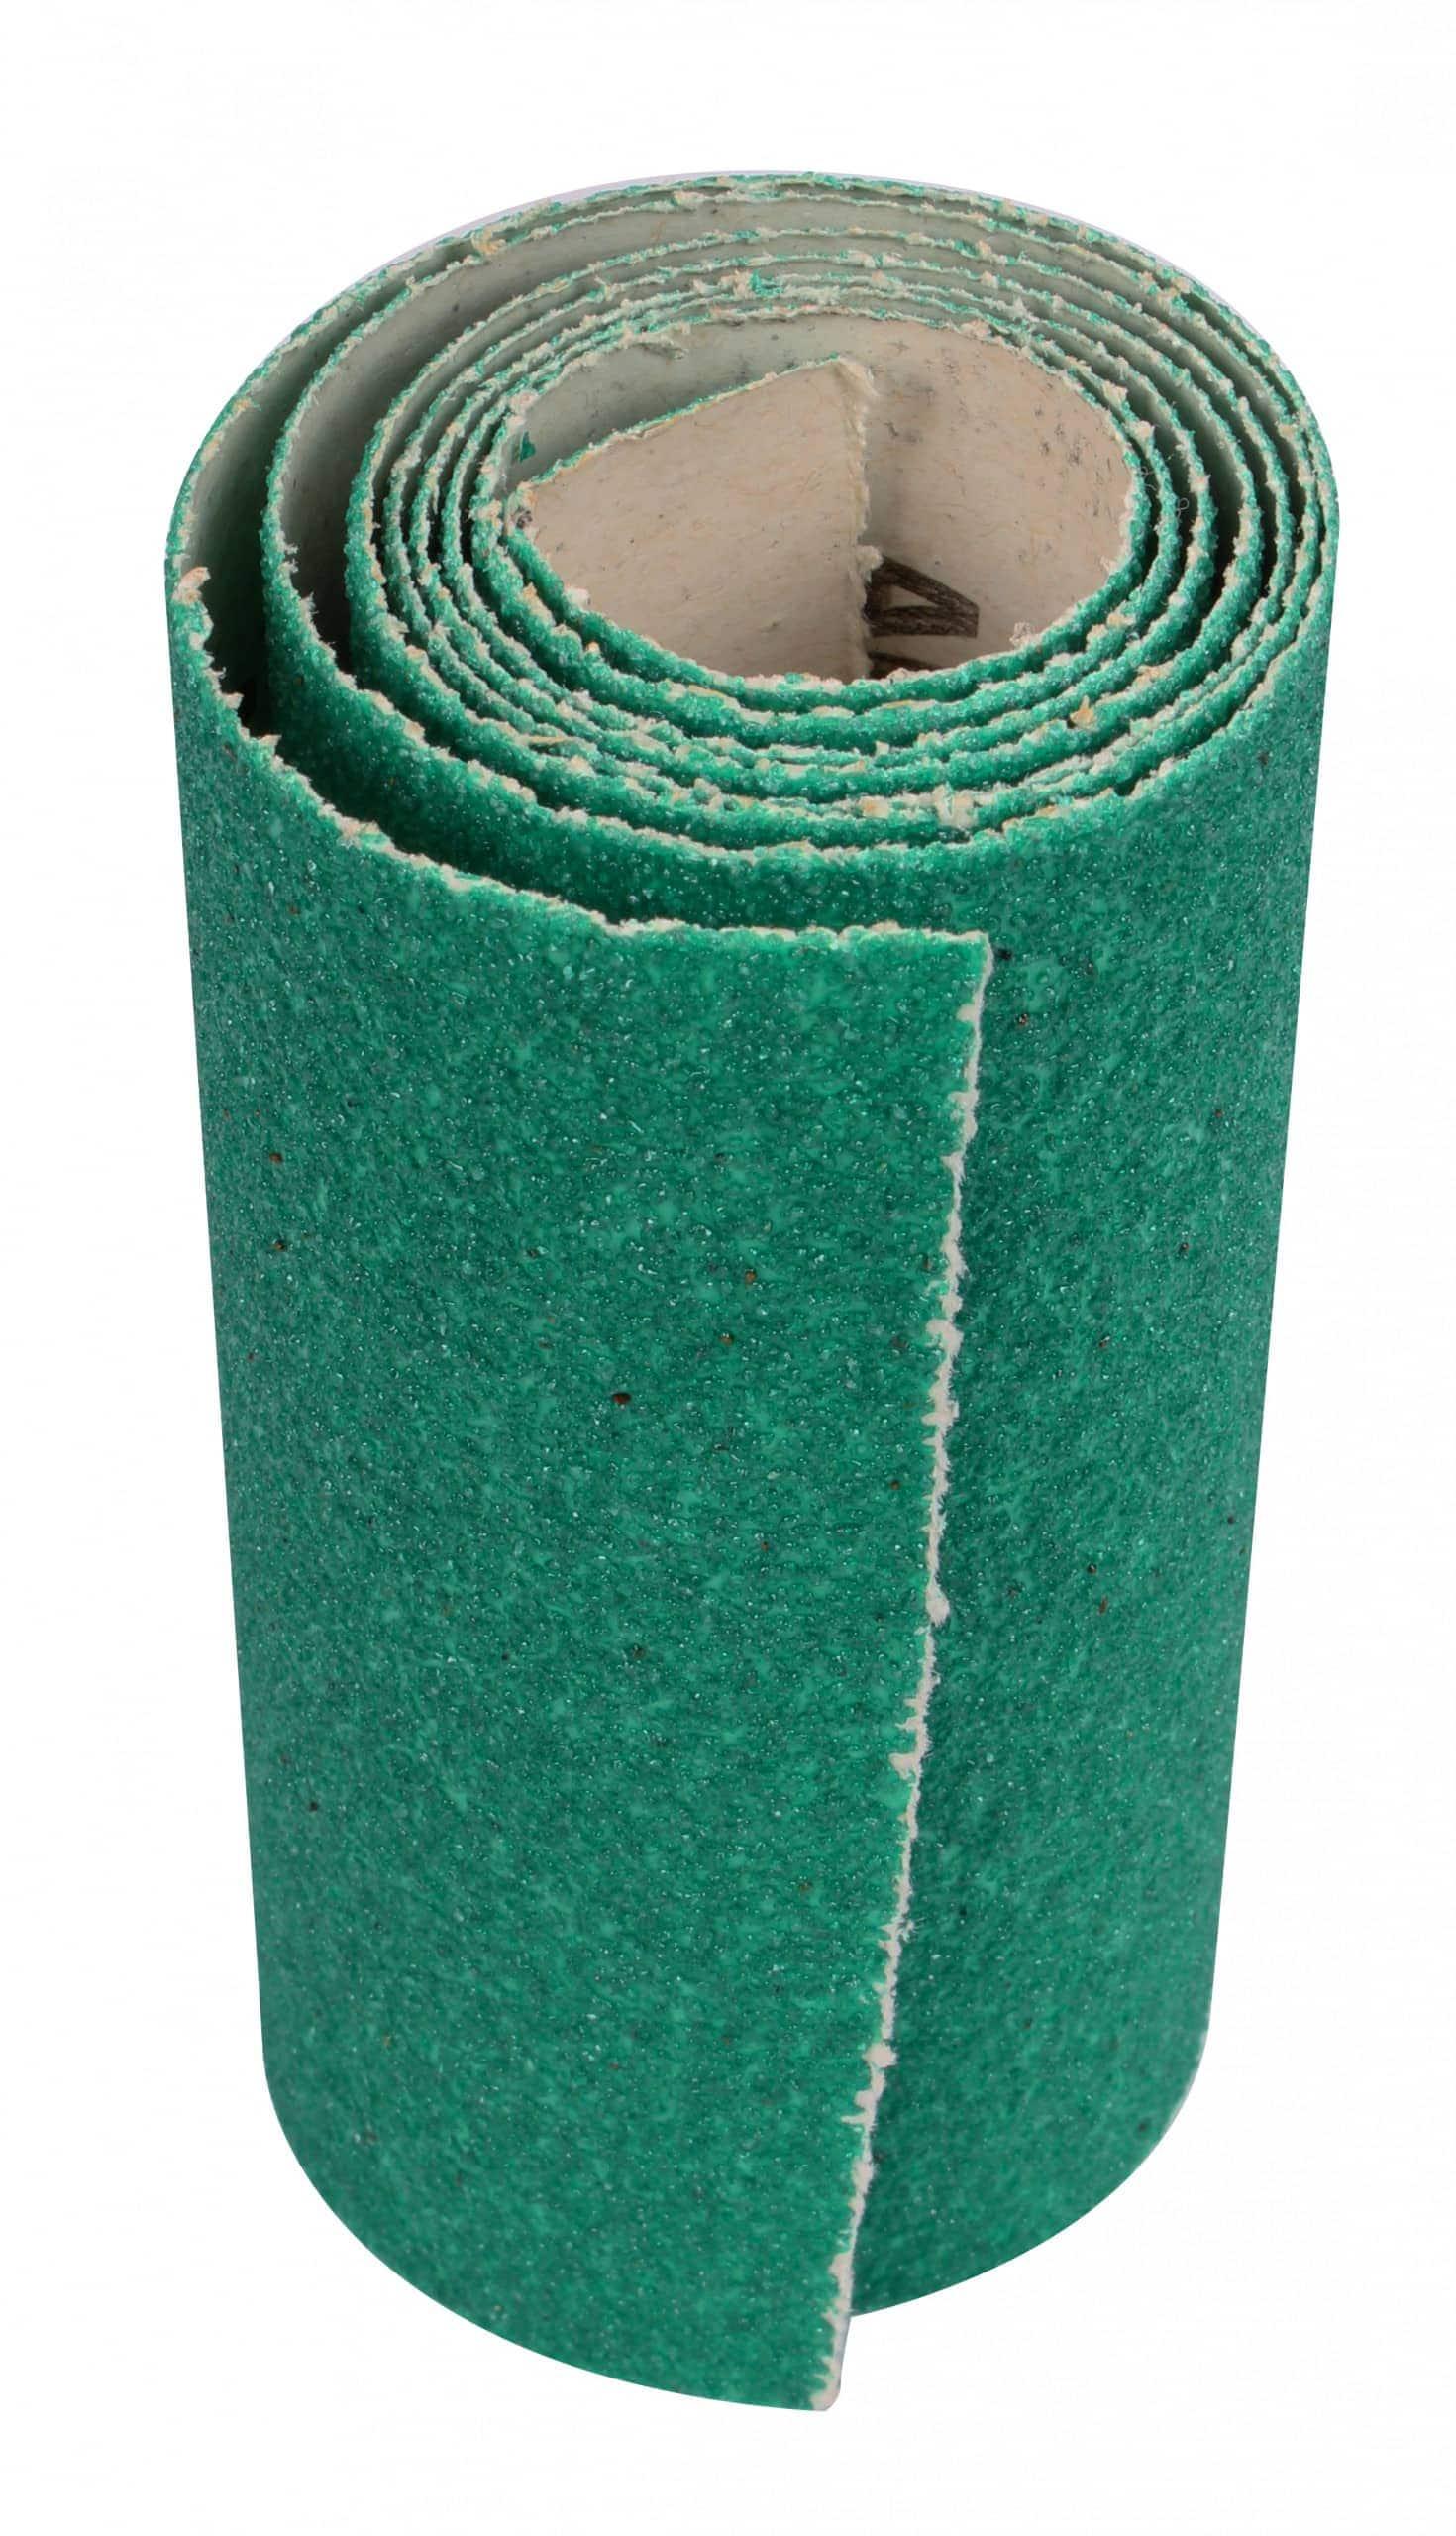 ProDec-Aluminium-Oxide-Sandpaper-5m-Roll